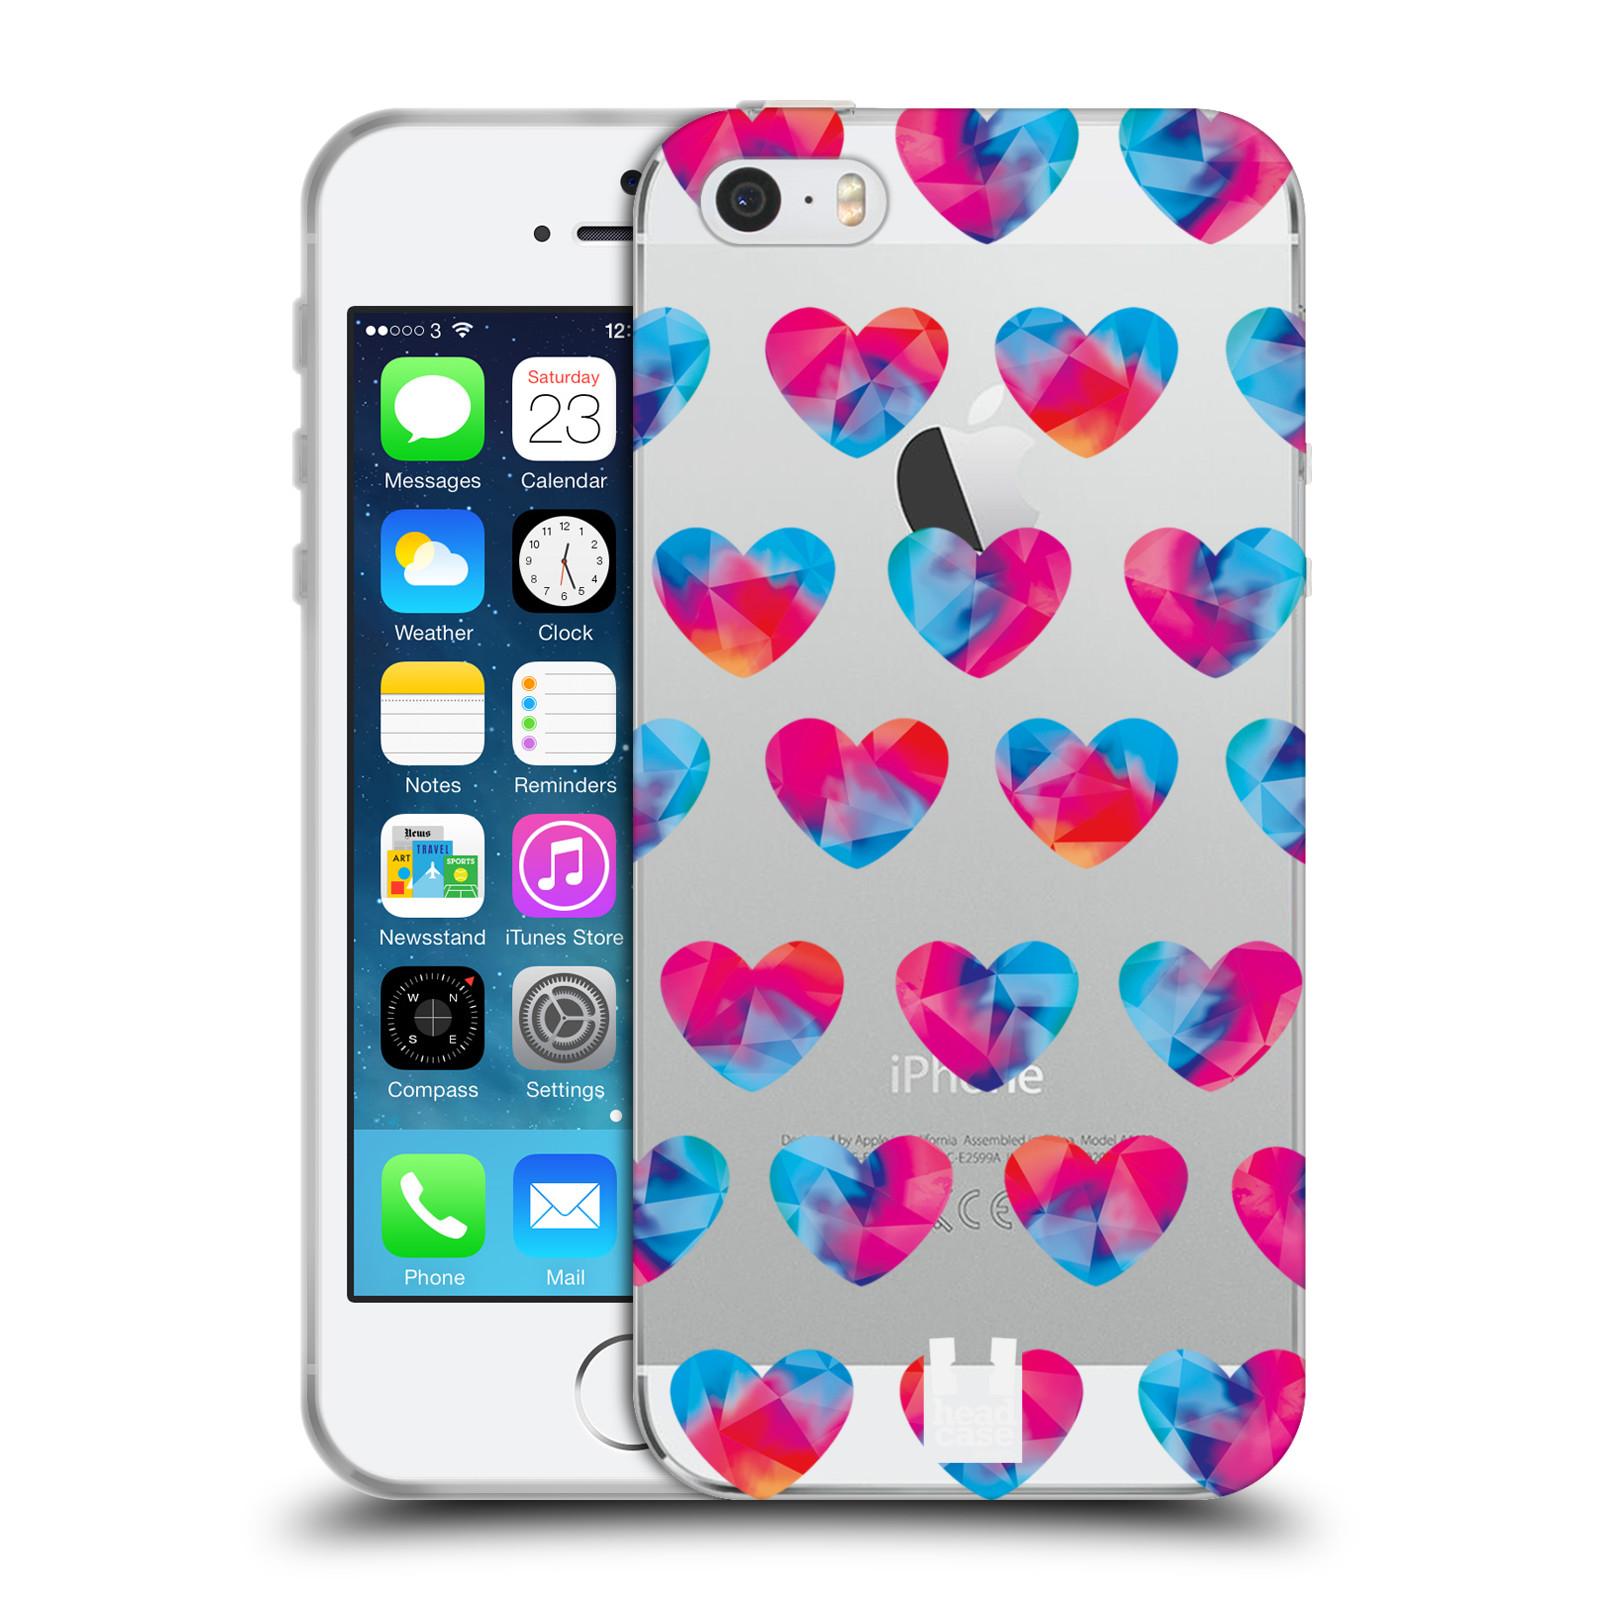 Silikonové pouzdro na mobil Apple iPhone 5, 5S, SE - Head Case - Srdíčka hrající barvami